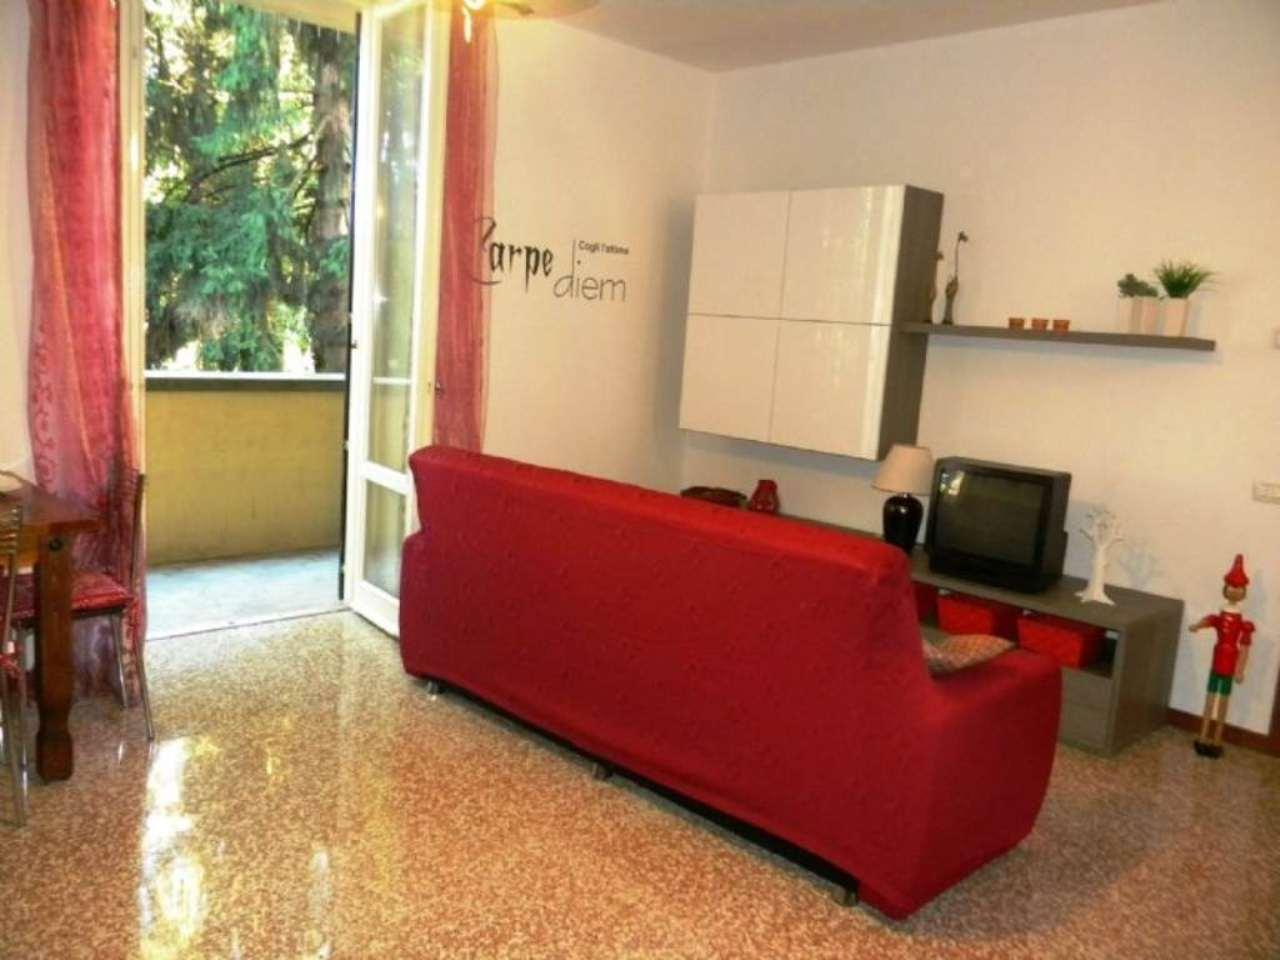 Appartamento in vendita a Bergamo, 2 locali, prezzo € 90.000 | CambioCasa.it